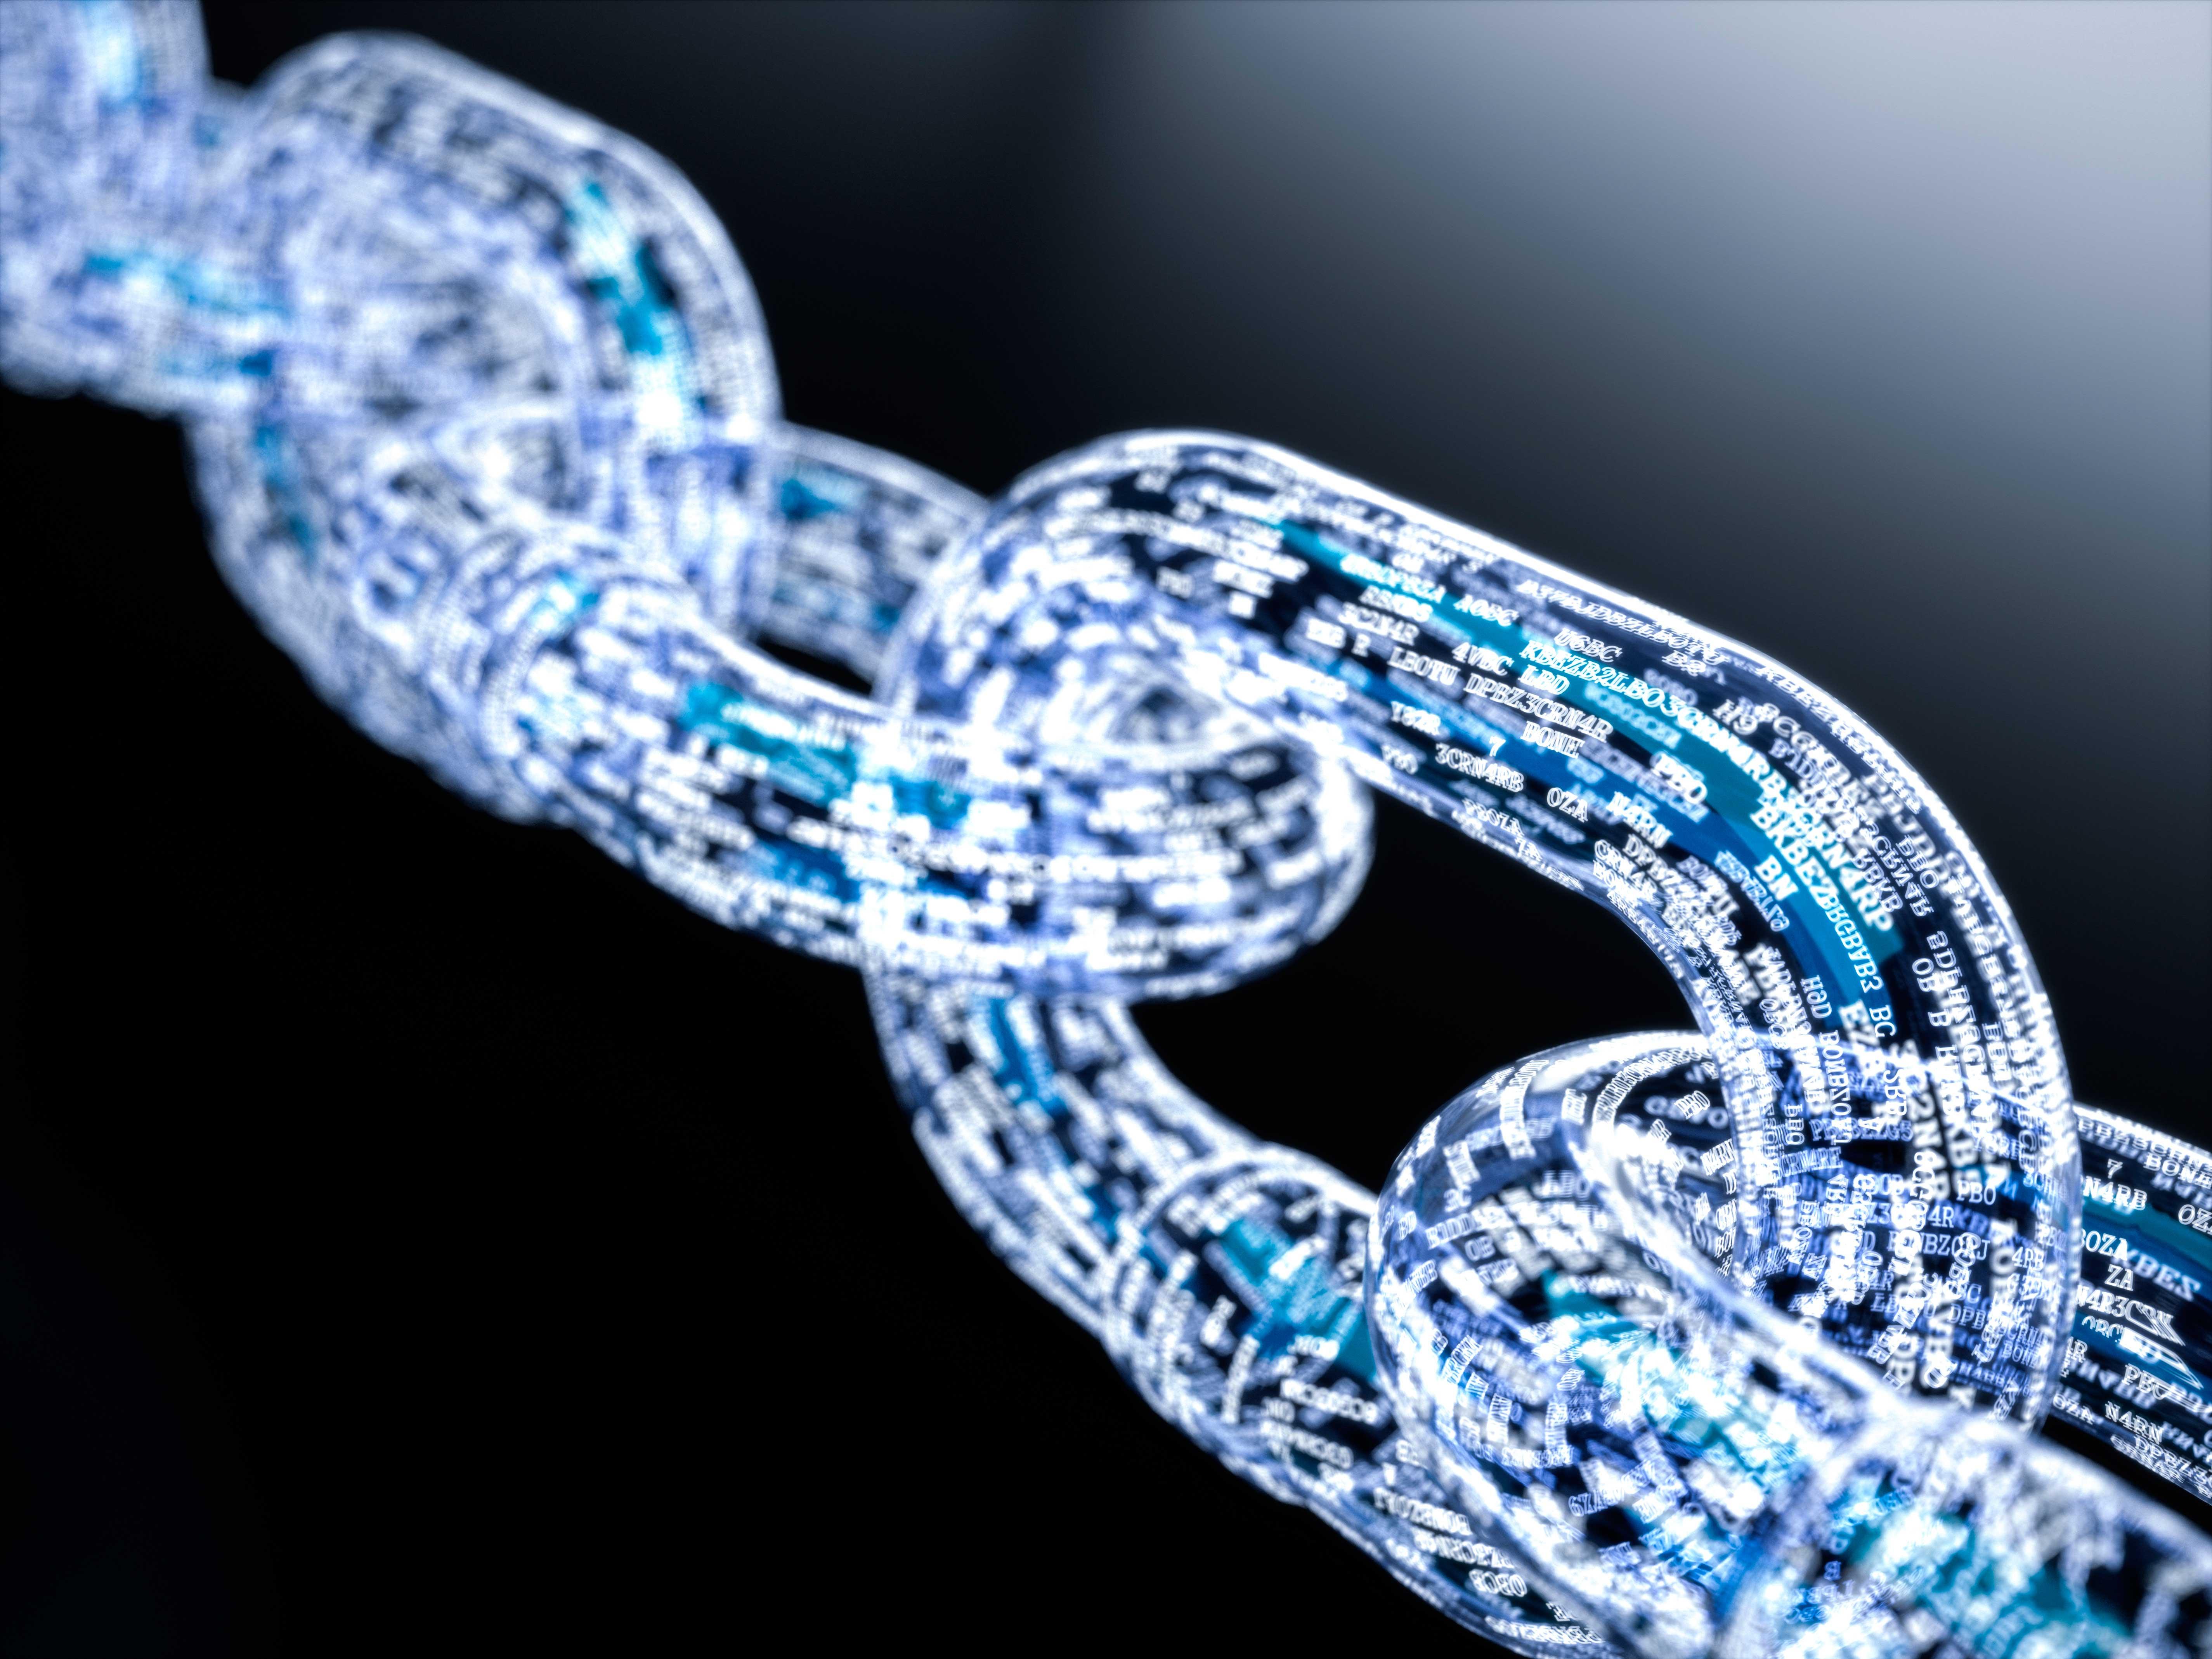 Mejoras en las estrategias de negocio basadas en 'blockchain'